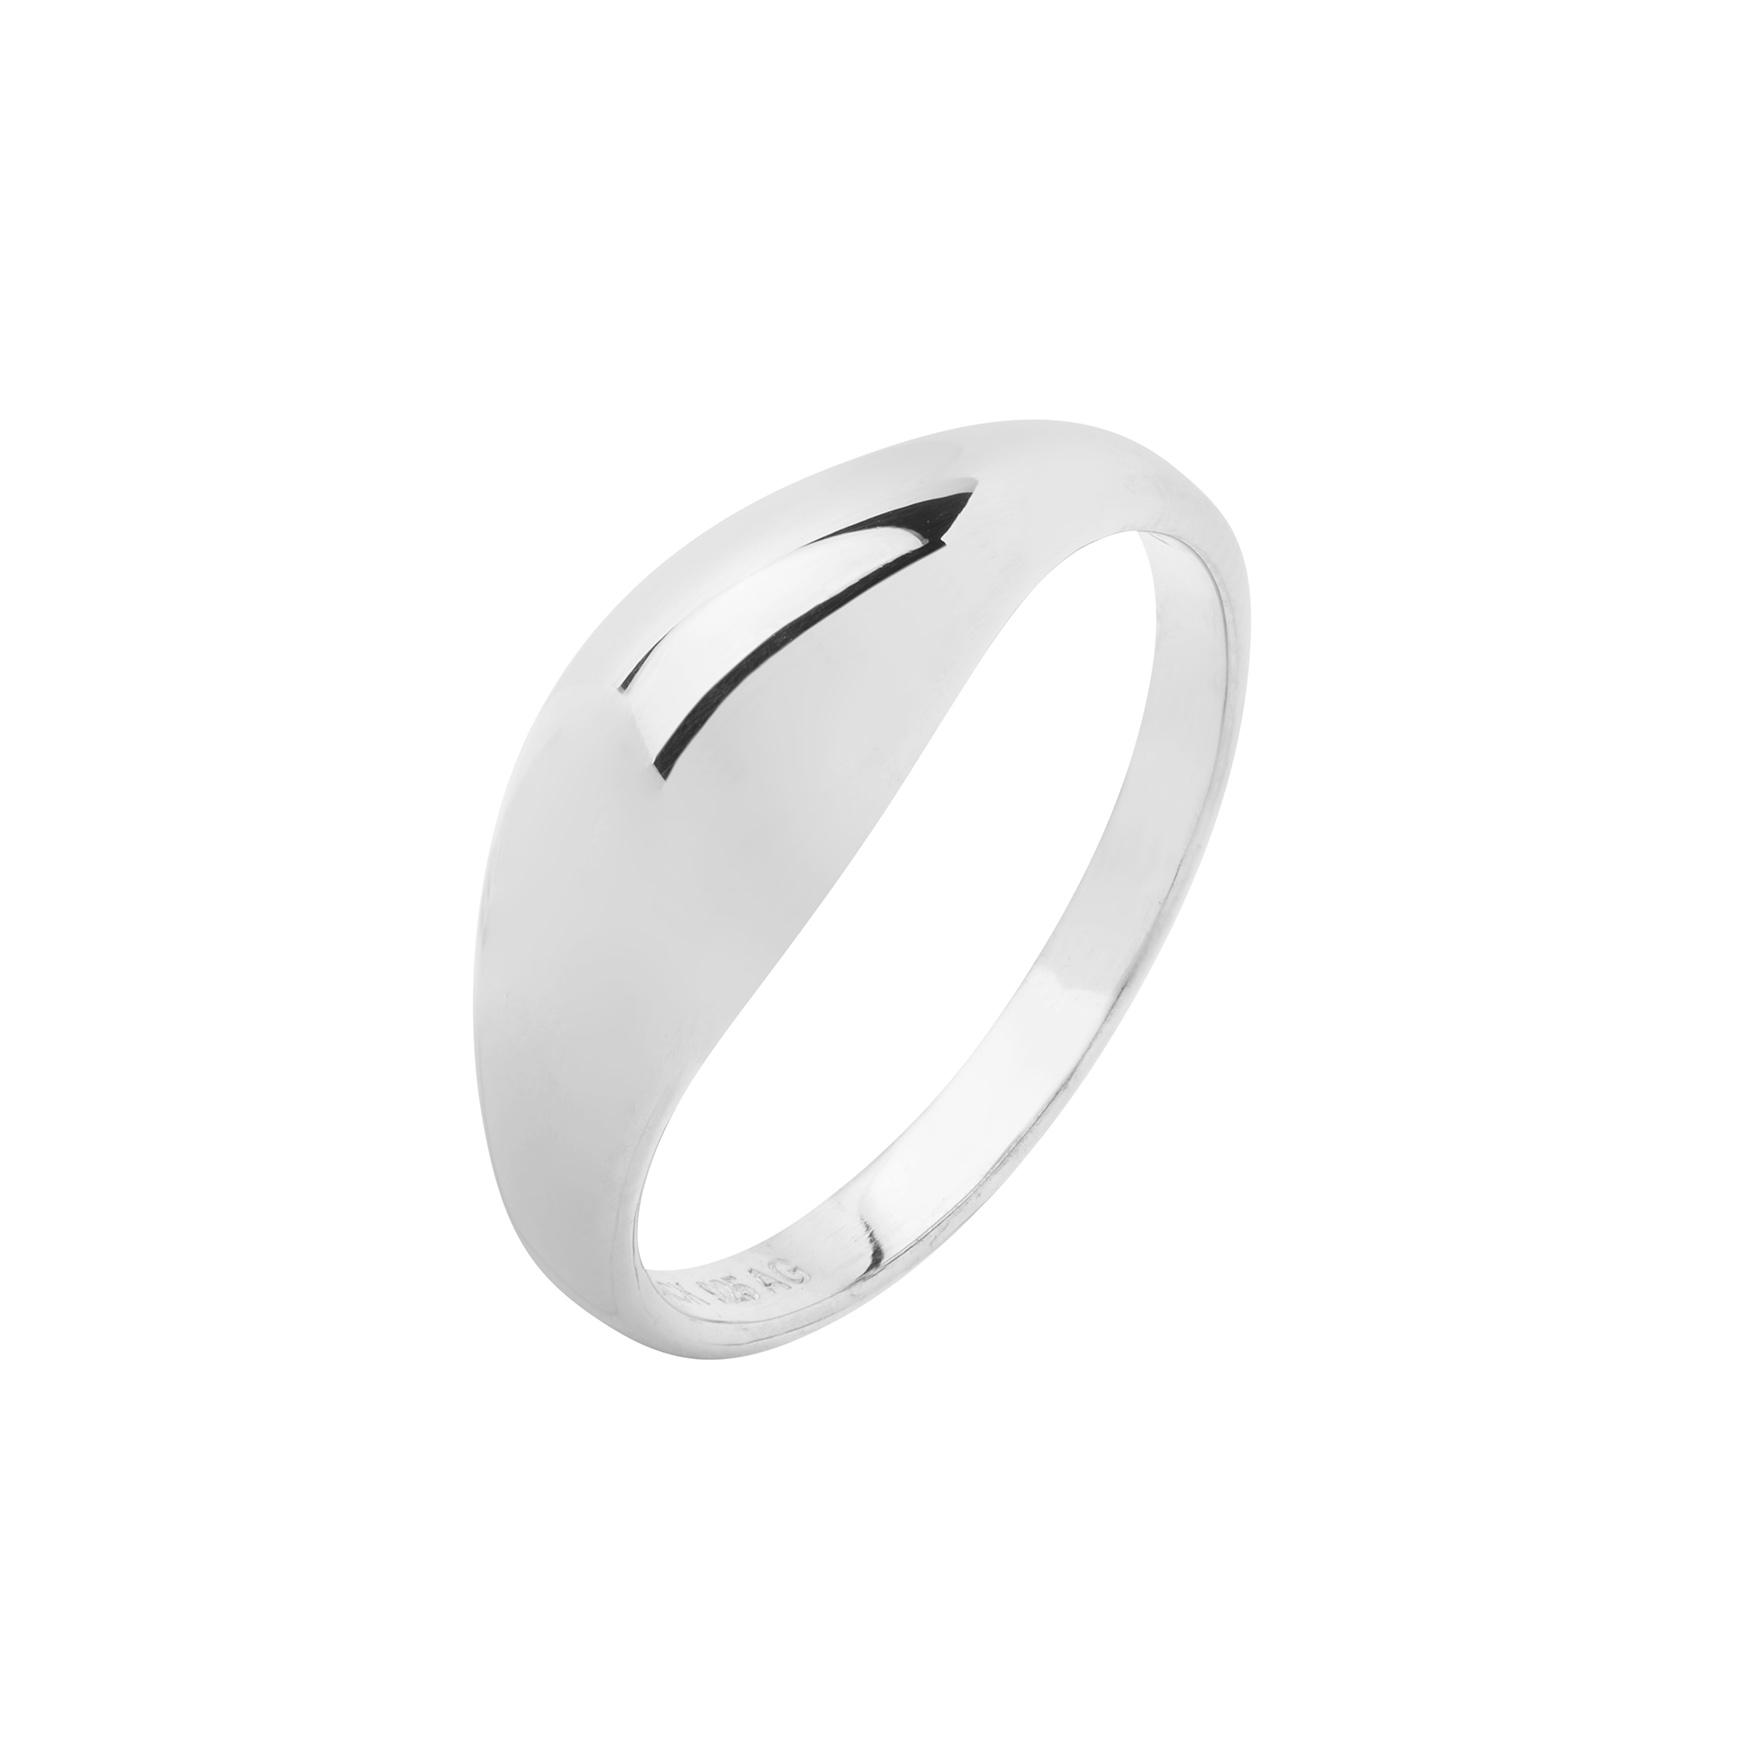 Maria black esther sølv ring - 500351 størrelse 50 fra maria black på brodersen + kobborg